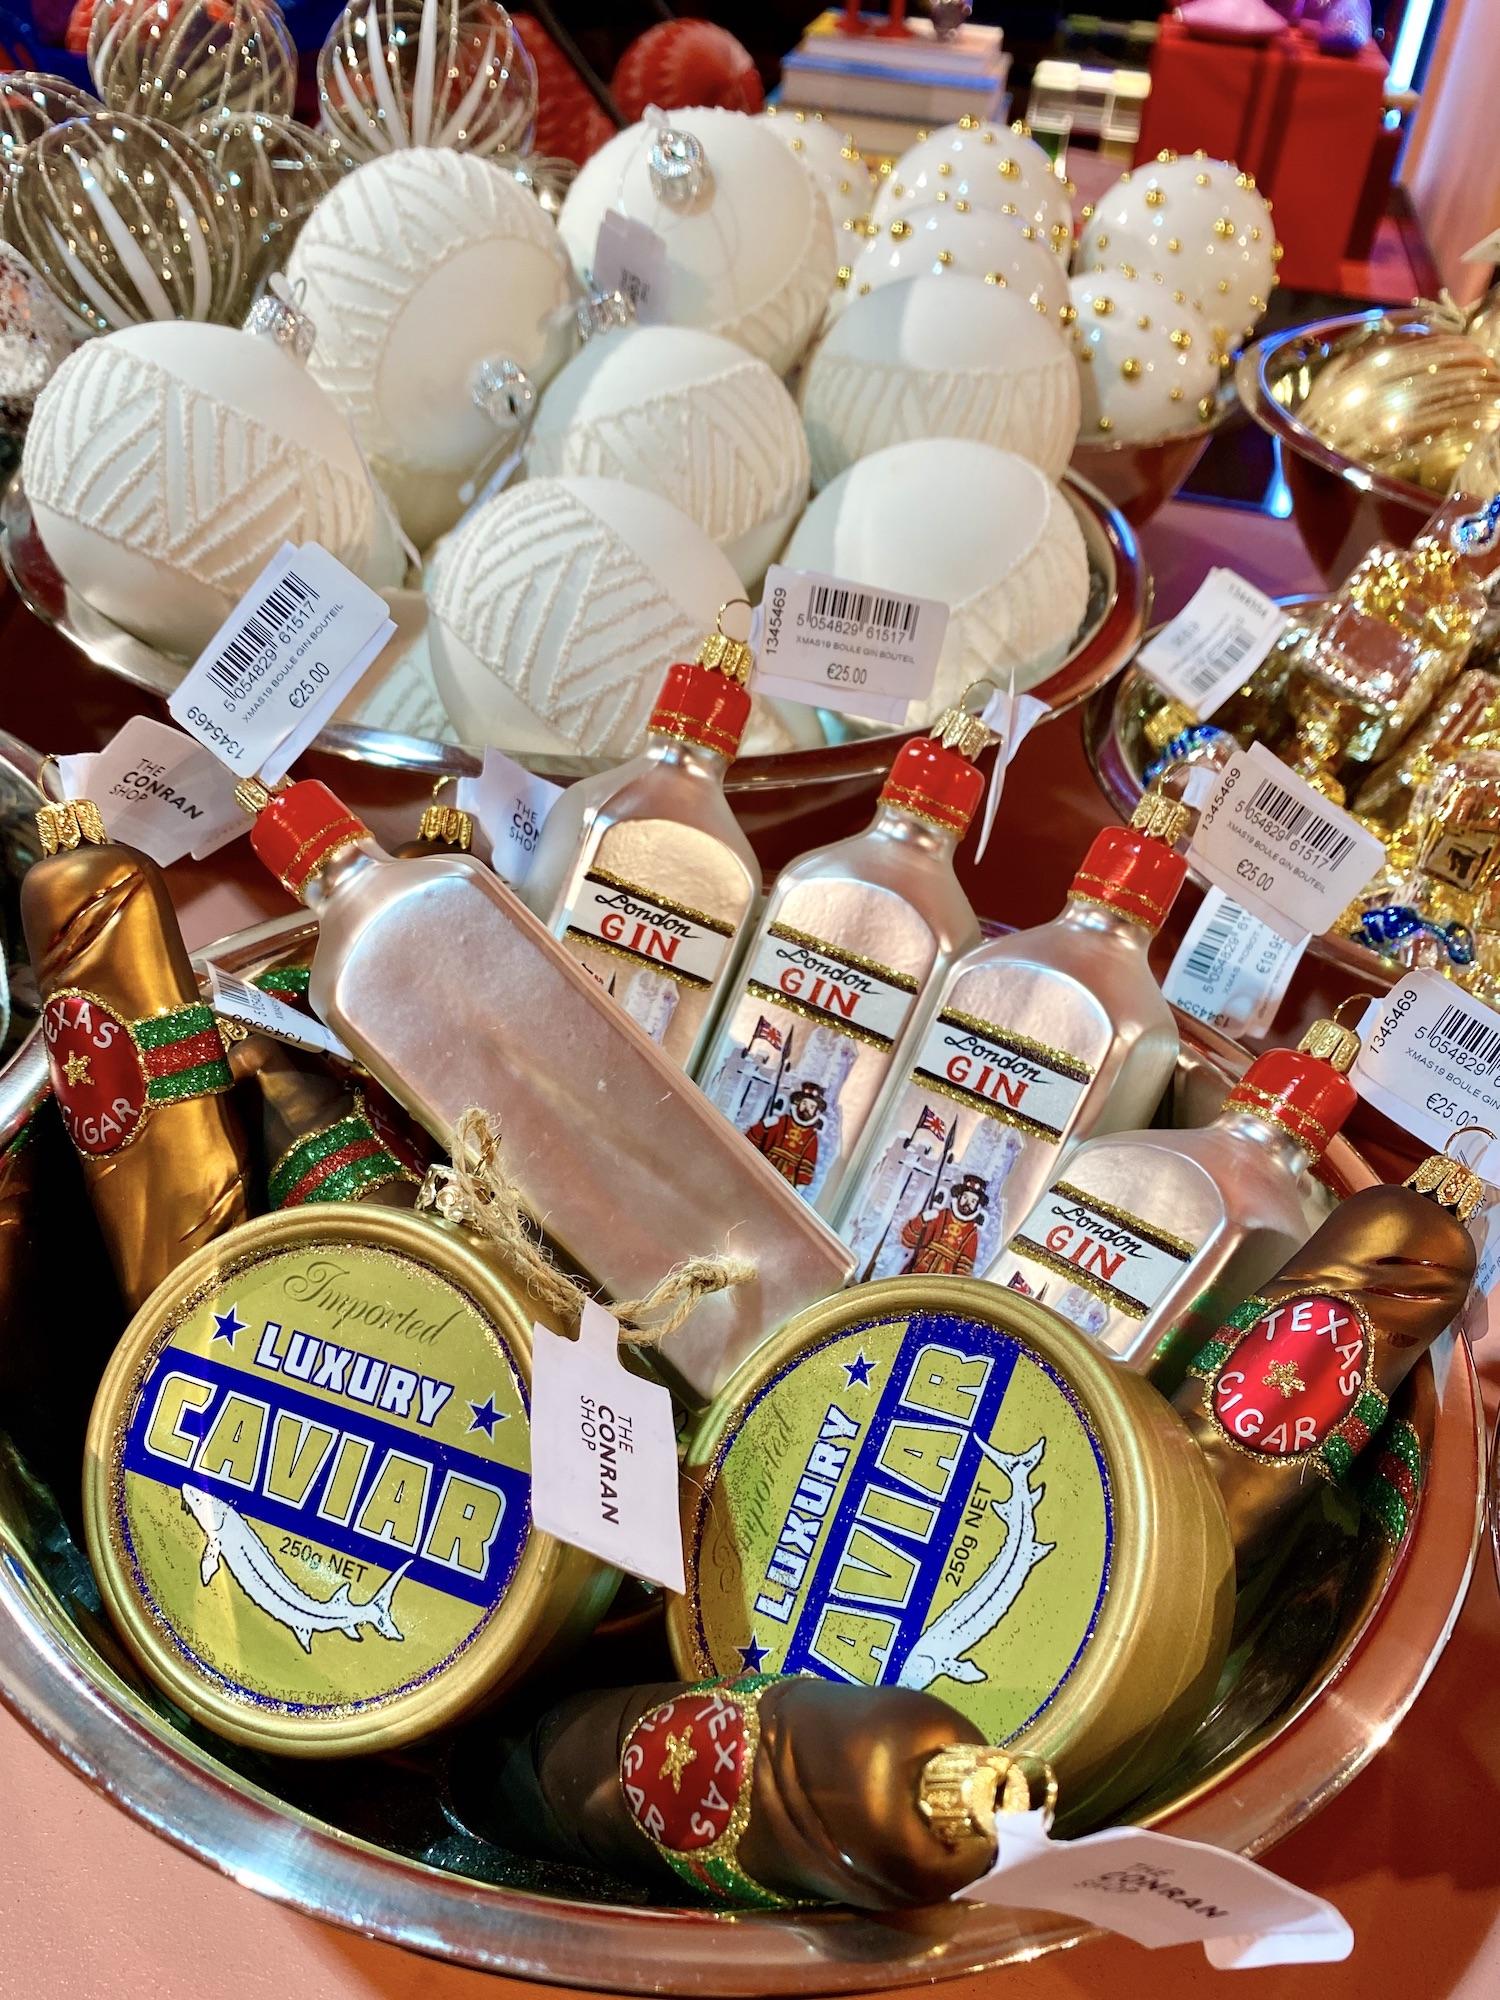 Conran Shop Caviar Gin Ornament